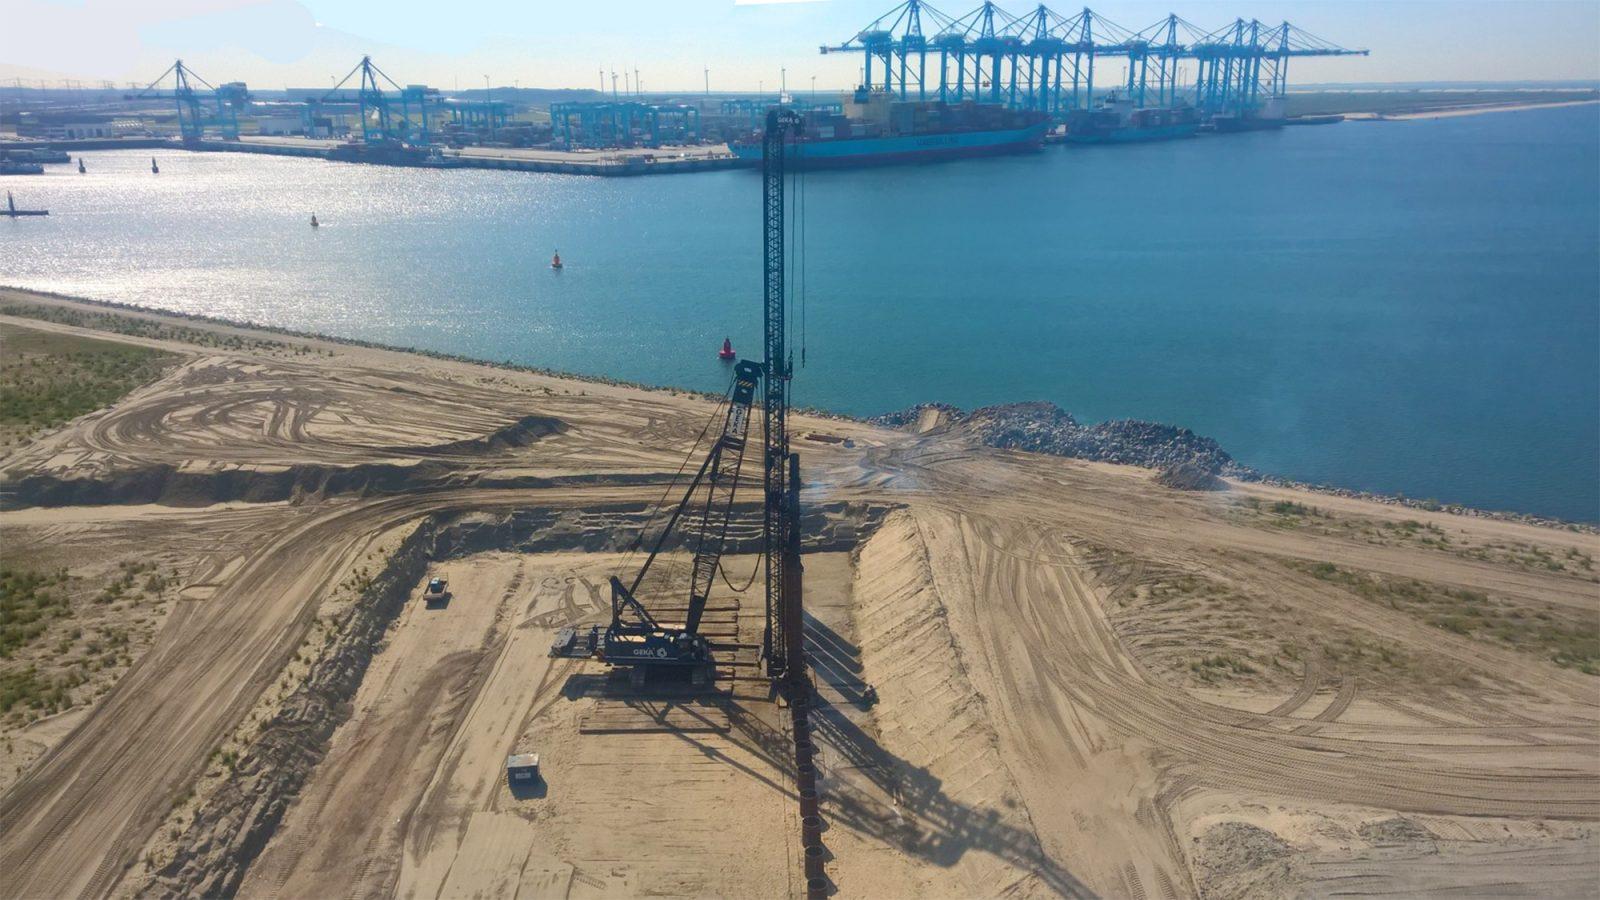 Natheiwerk Combiwand SIF Verbrugge Maasvlakte II